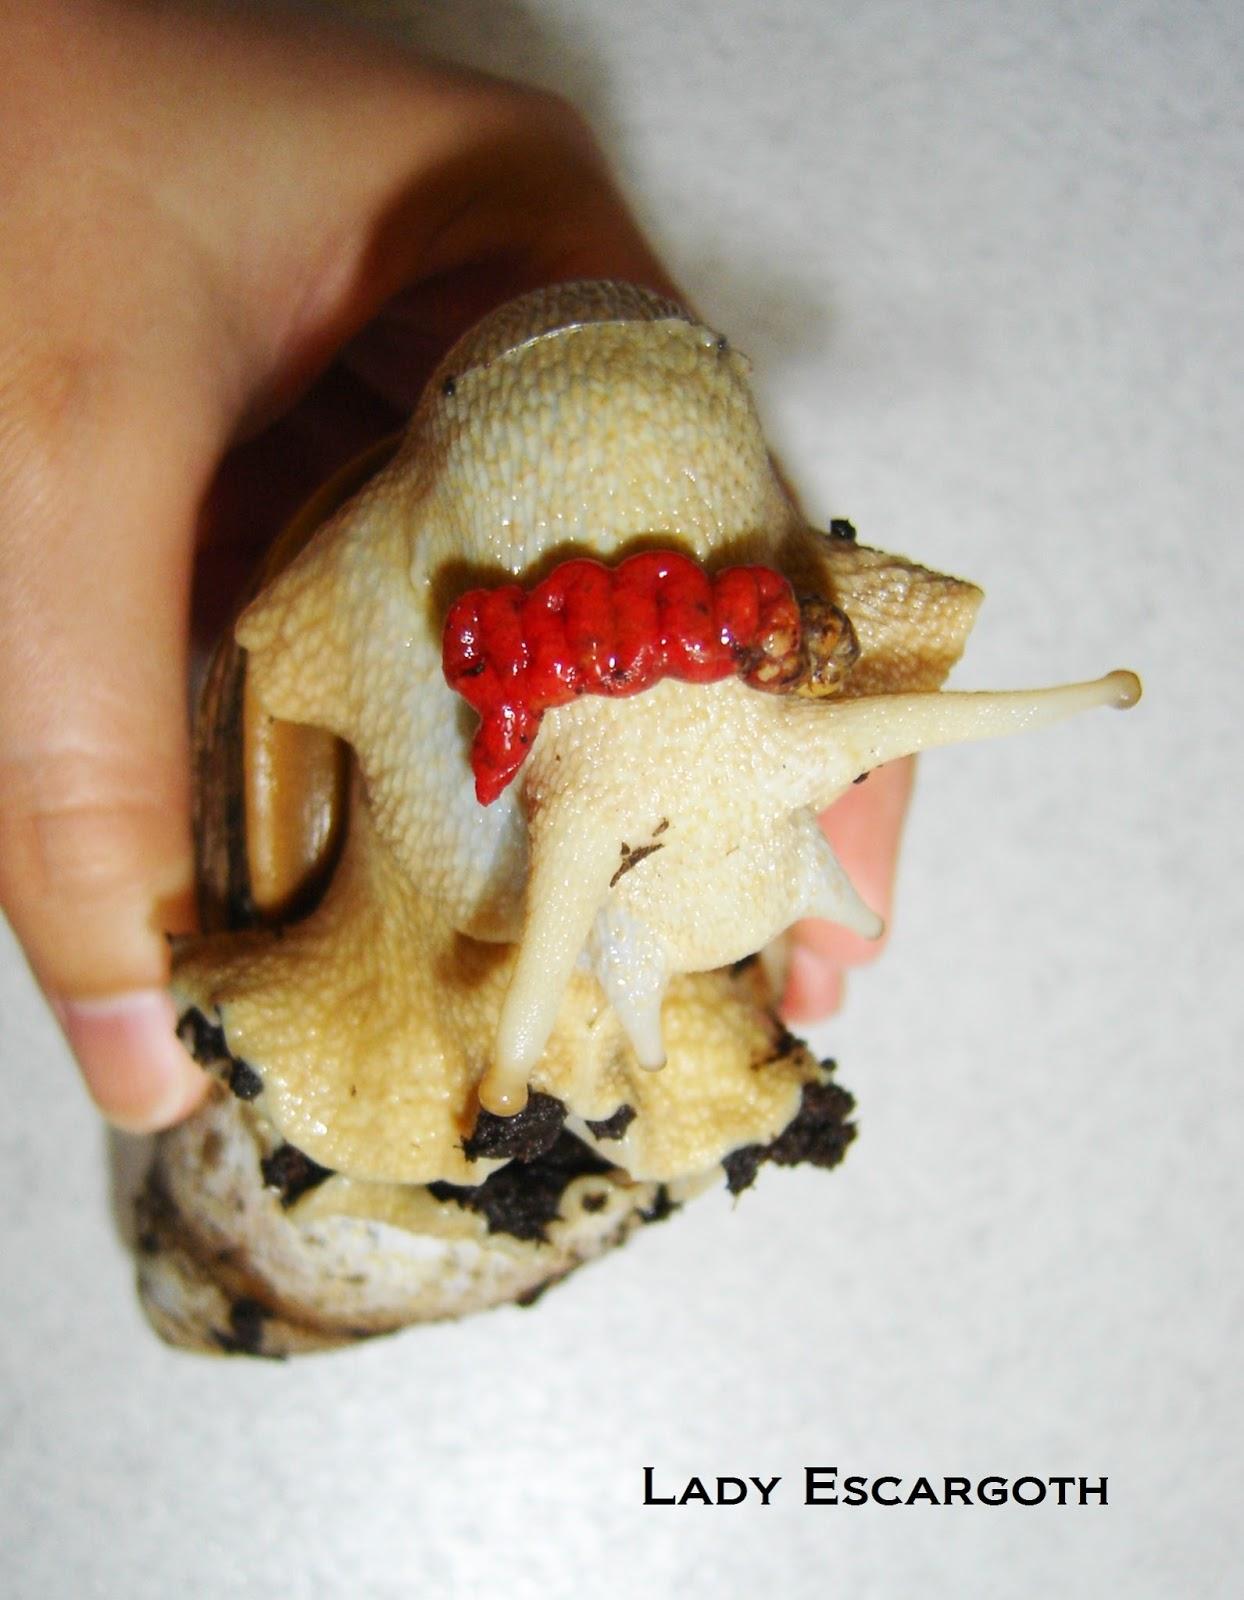 caca escargot